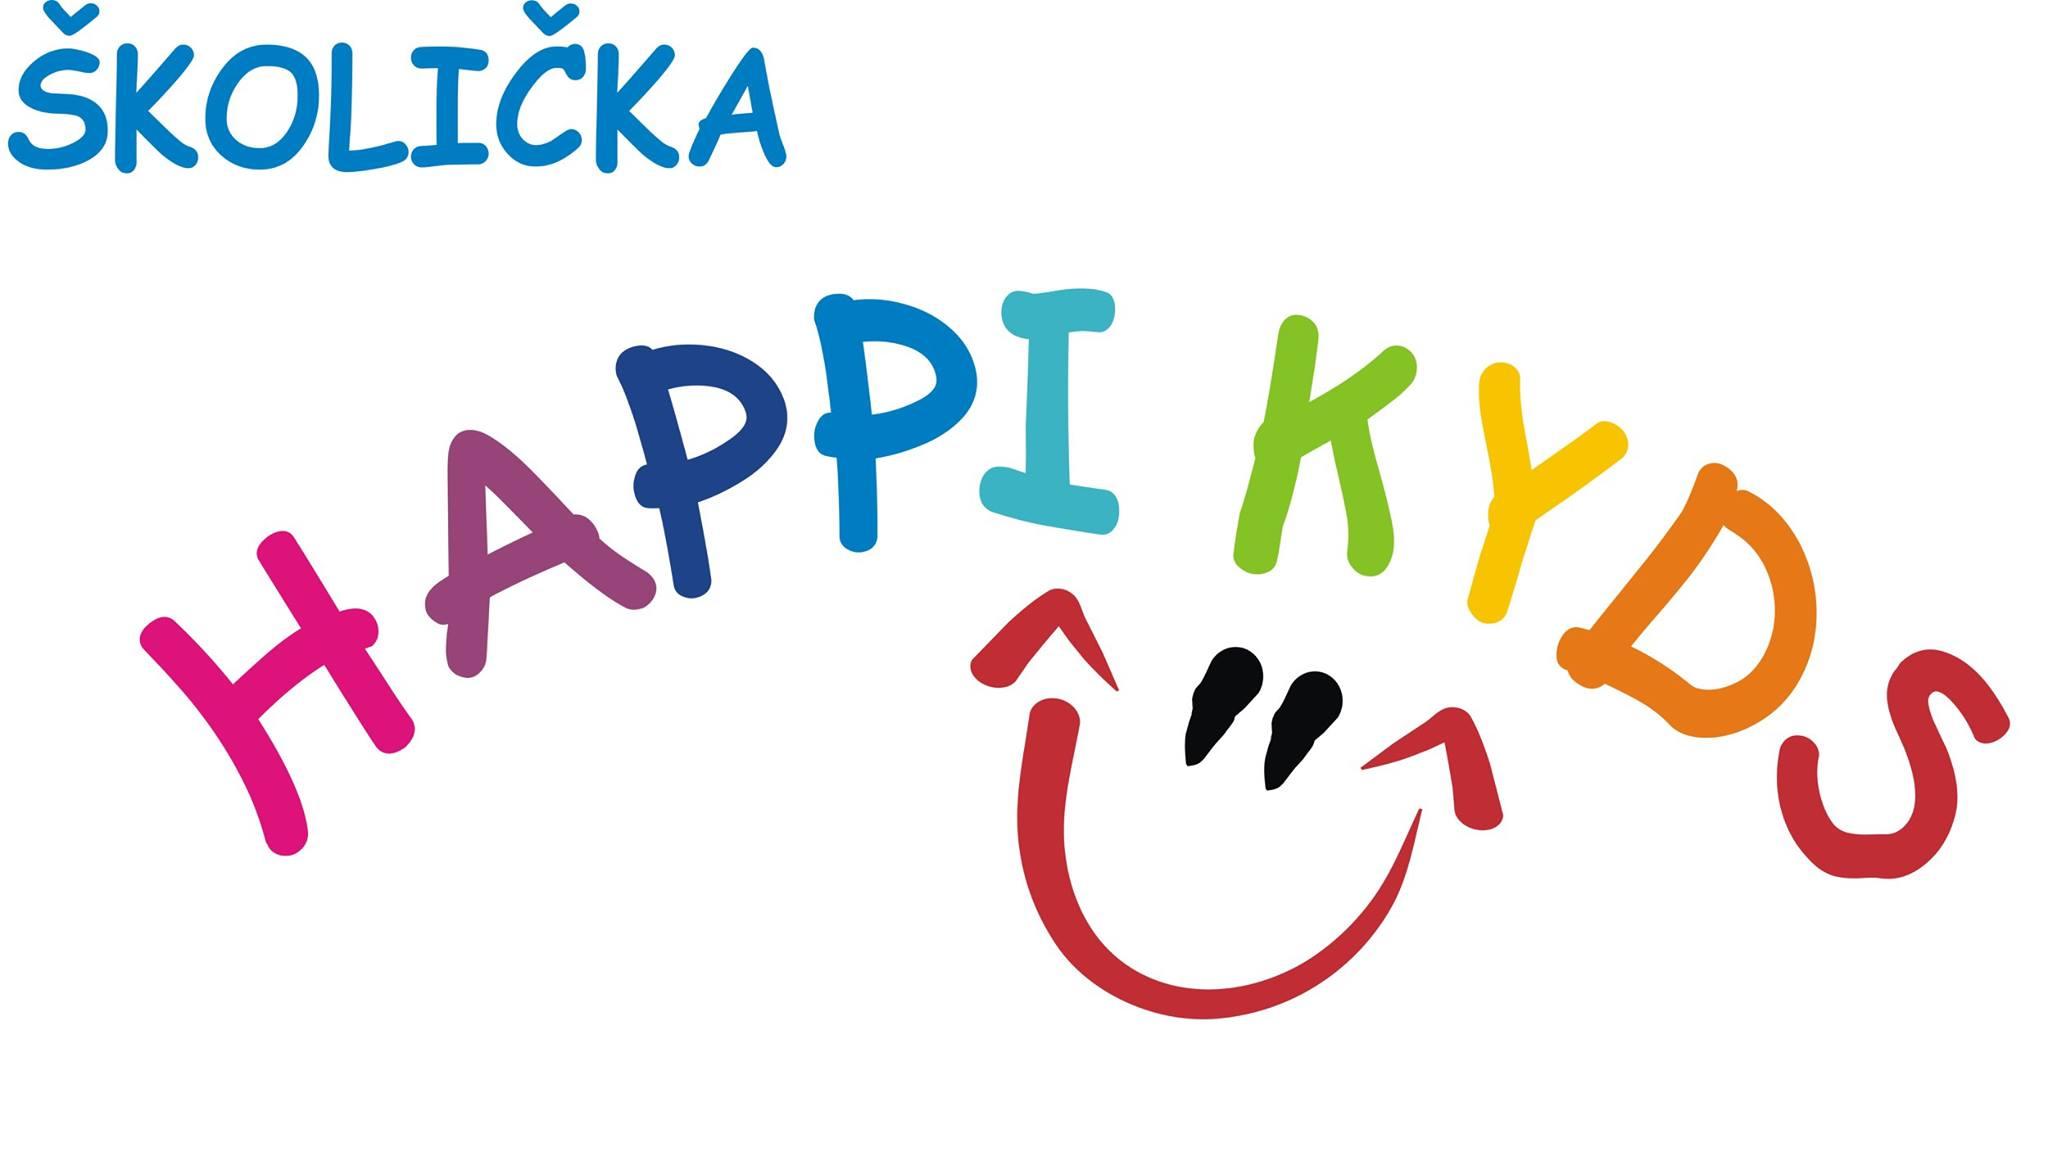 logo firmy Školièka HAPPi KyDS (Bc. Lucie Šimkù)